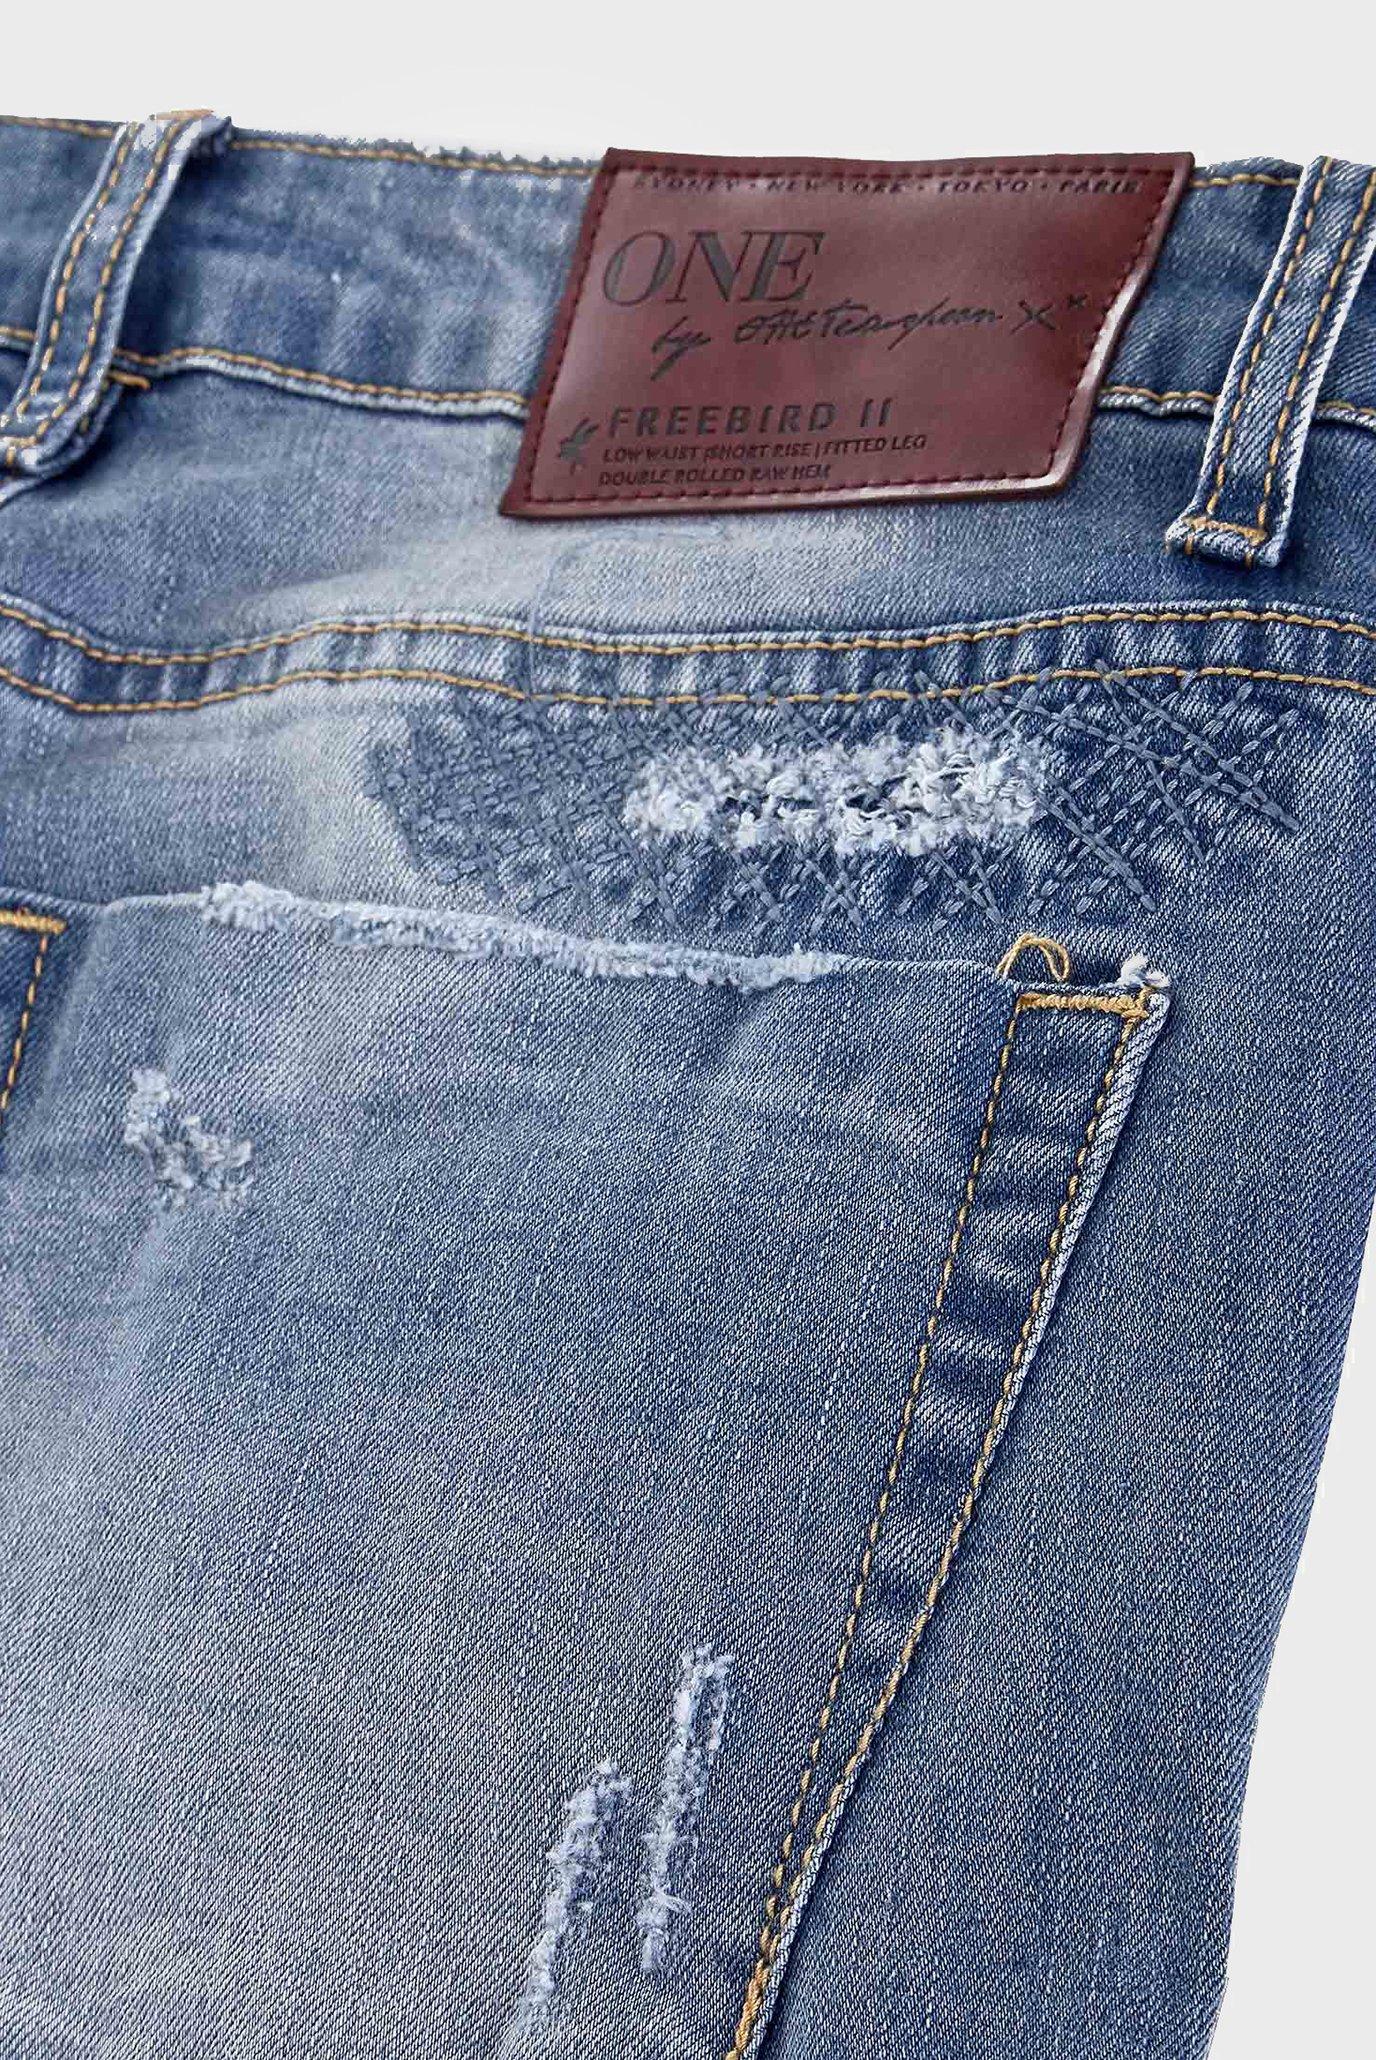 Купить Женские голубые джинсы FREEBIRDS II One Teaspoon One Teaspoon 19144B – Киев, Украина. Цены в интернет магазине MD Fashion